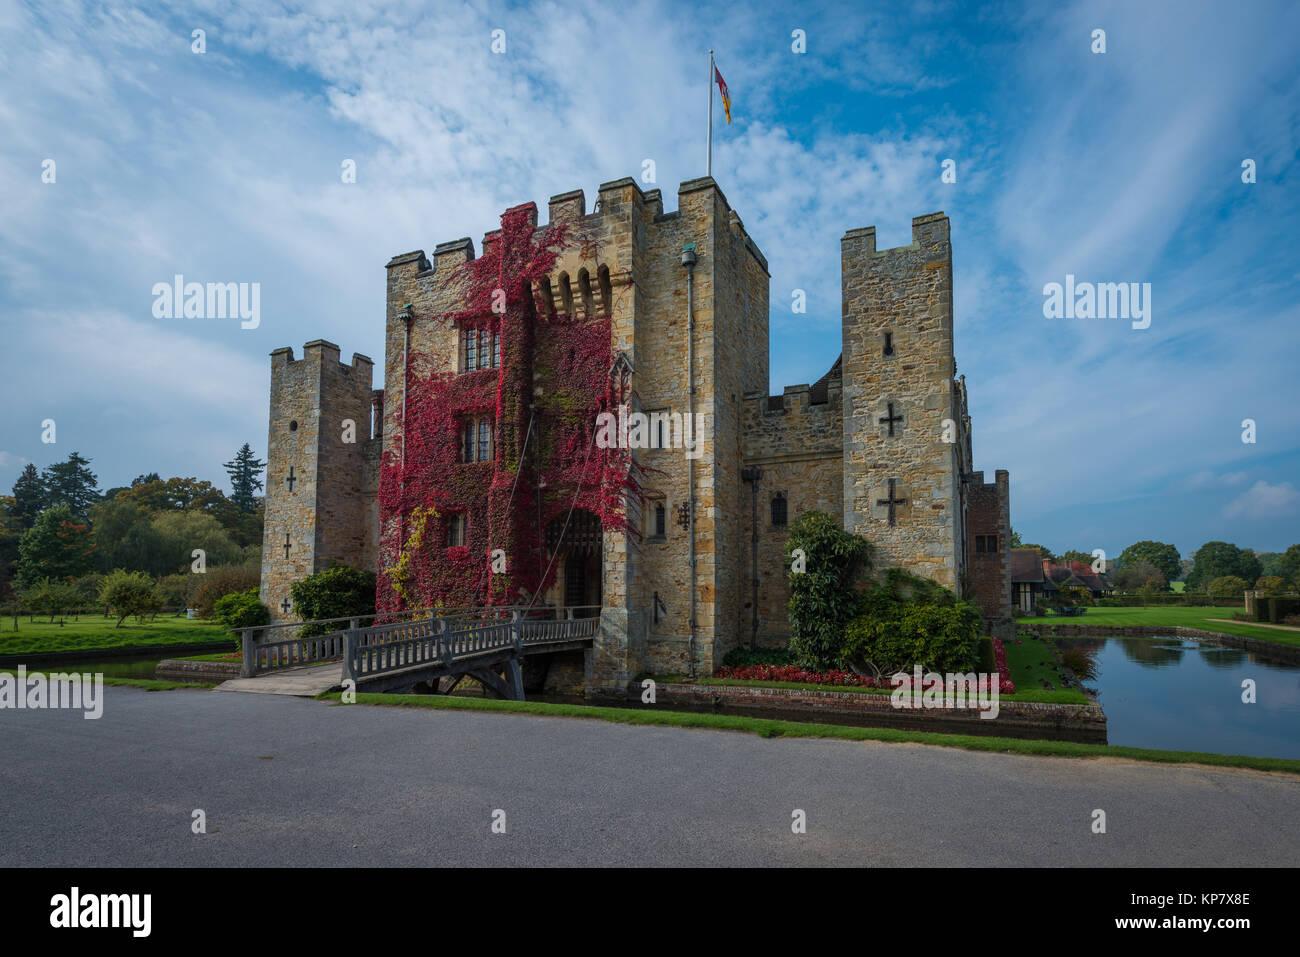 El castillo de Hever, cerca de Edenbridge, el asiento de la familia Bolena, Kent, Reino Unido Imagen De Stock